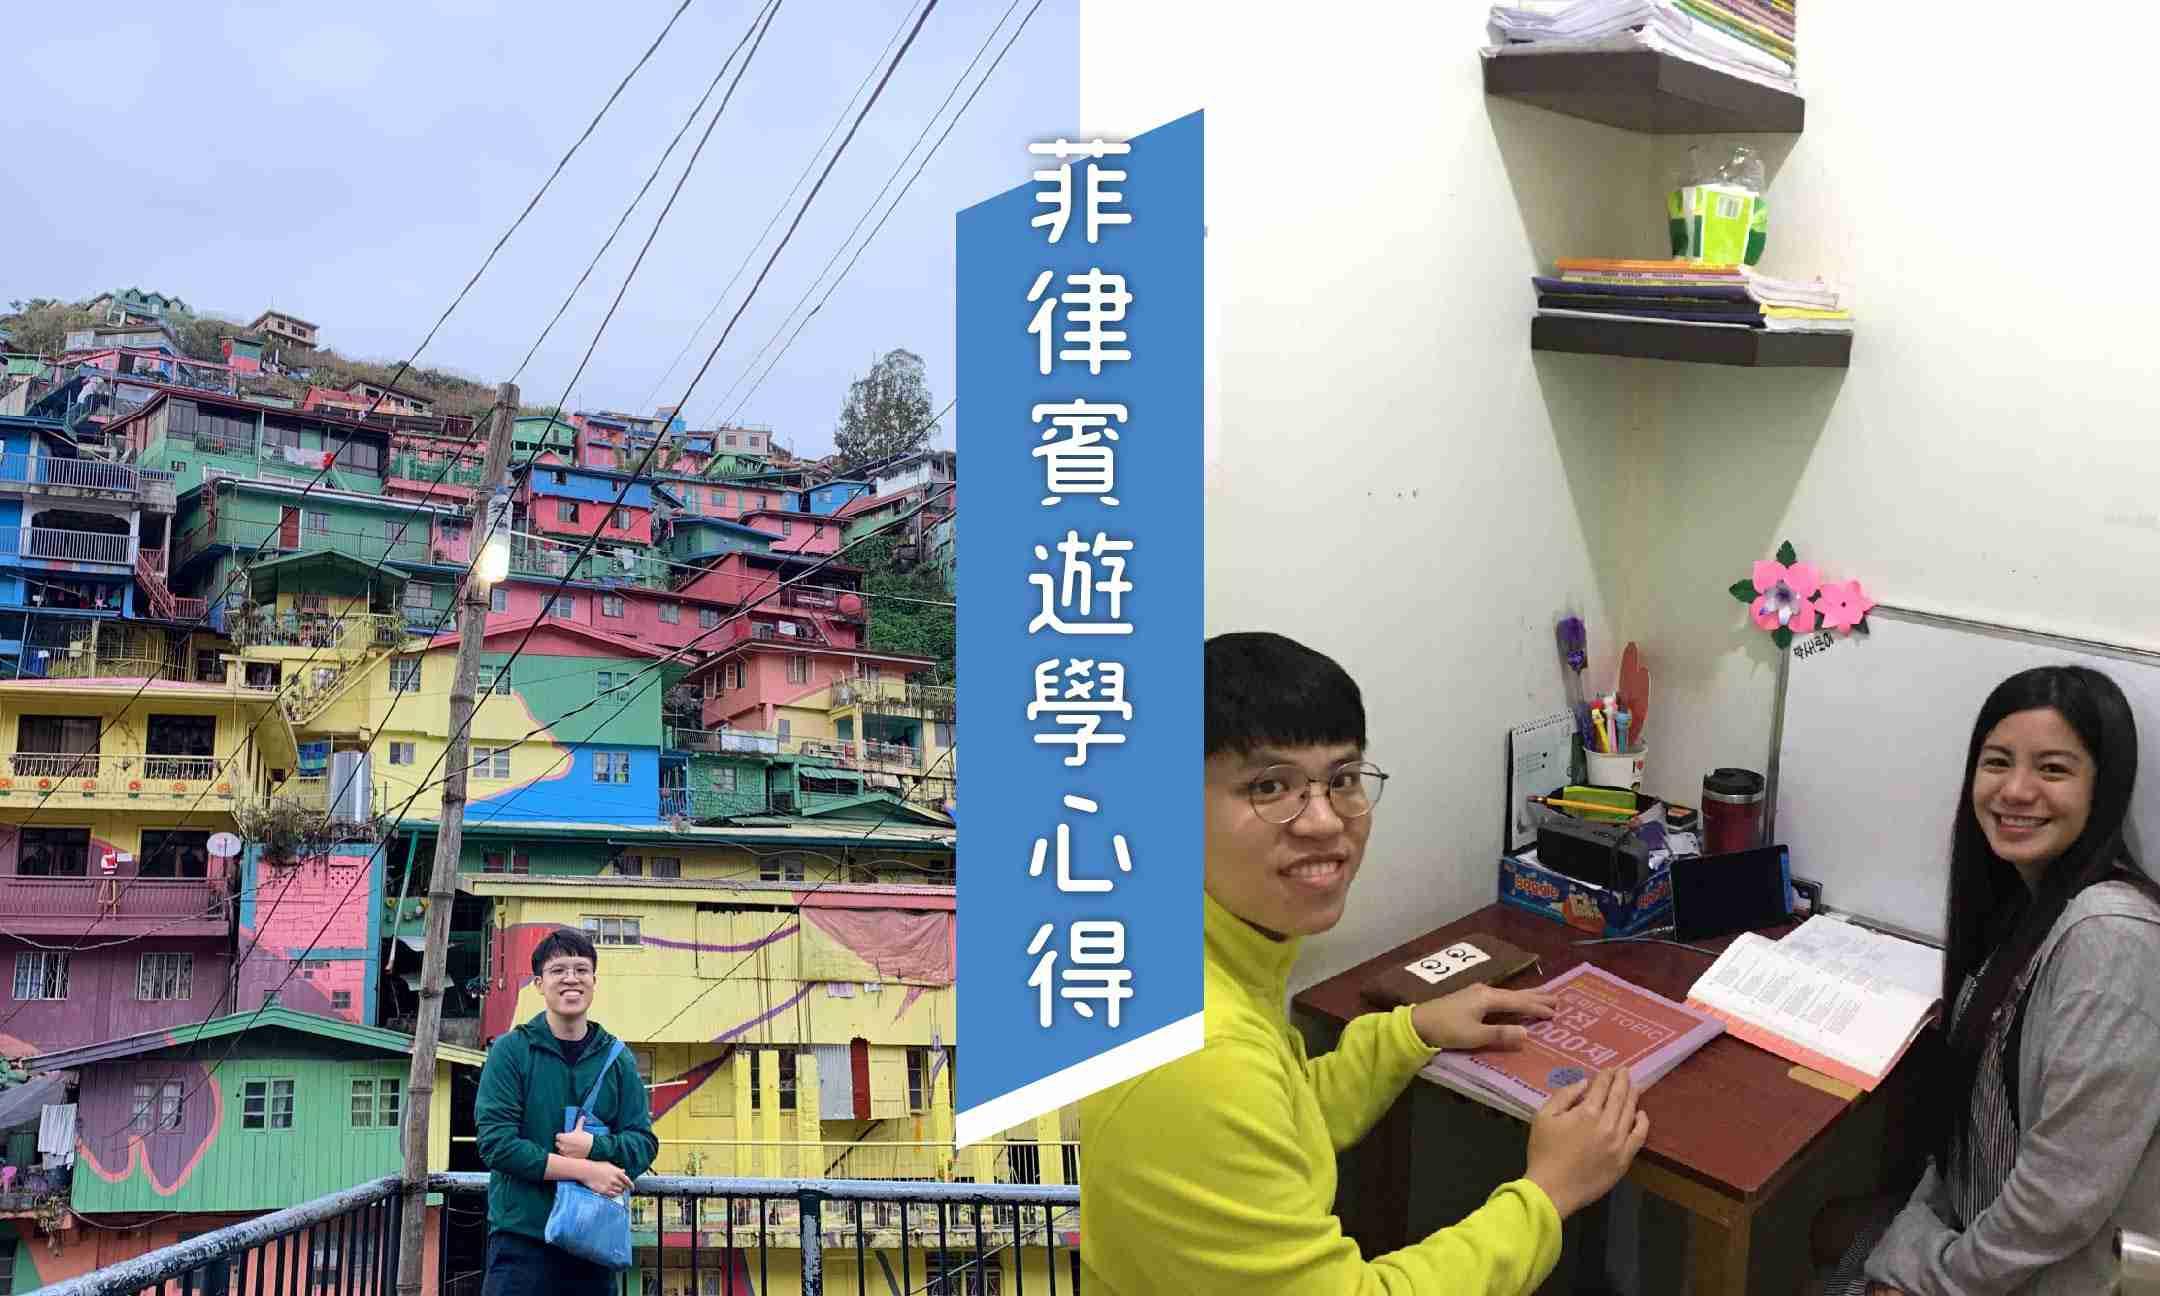 菲律賓碧瑤A&J語言學校心得推薦